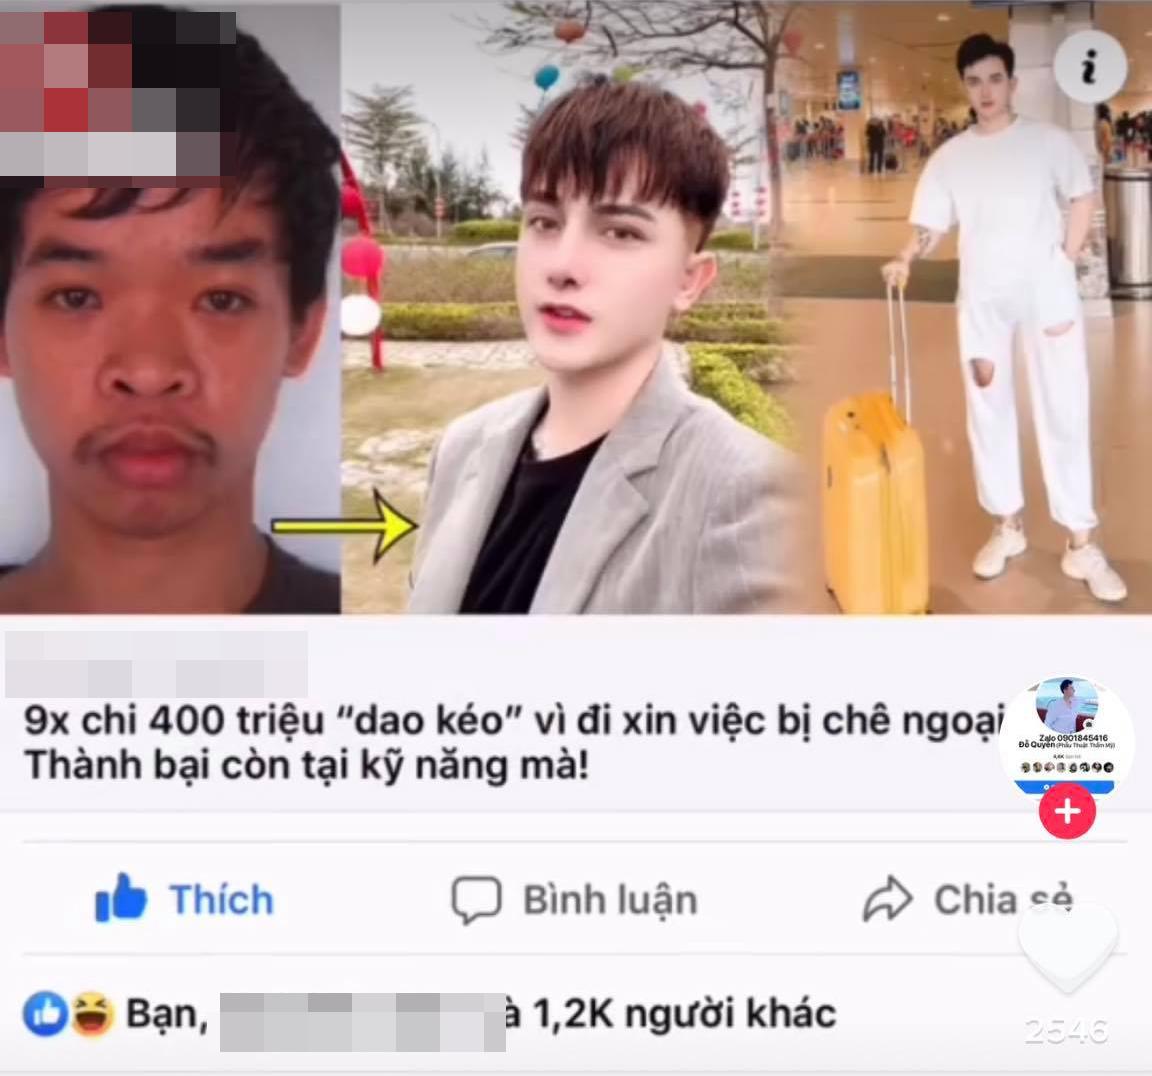 Sự thật màn lột xác của thanh niên Việt lên báo nước ngoài: Lấy ảnh của tội phạm hiếp dâm tự nhận là mình trước phẫu thuật thẩm mỹ-3